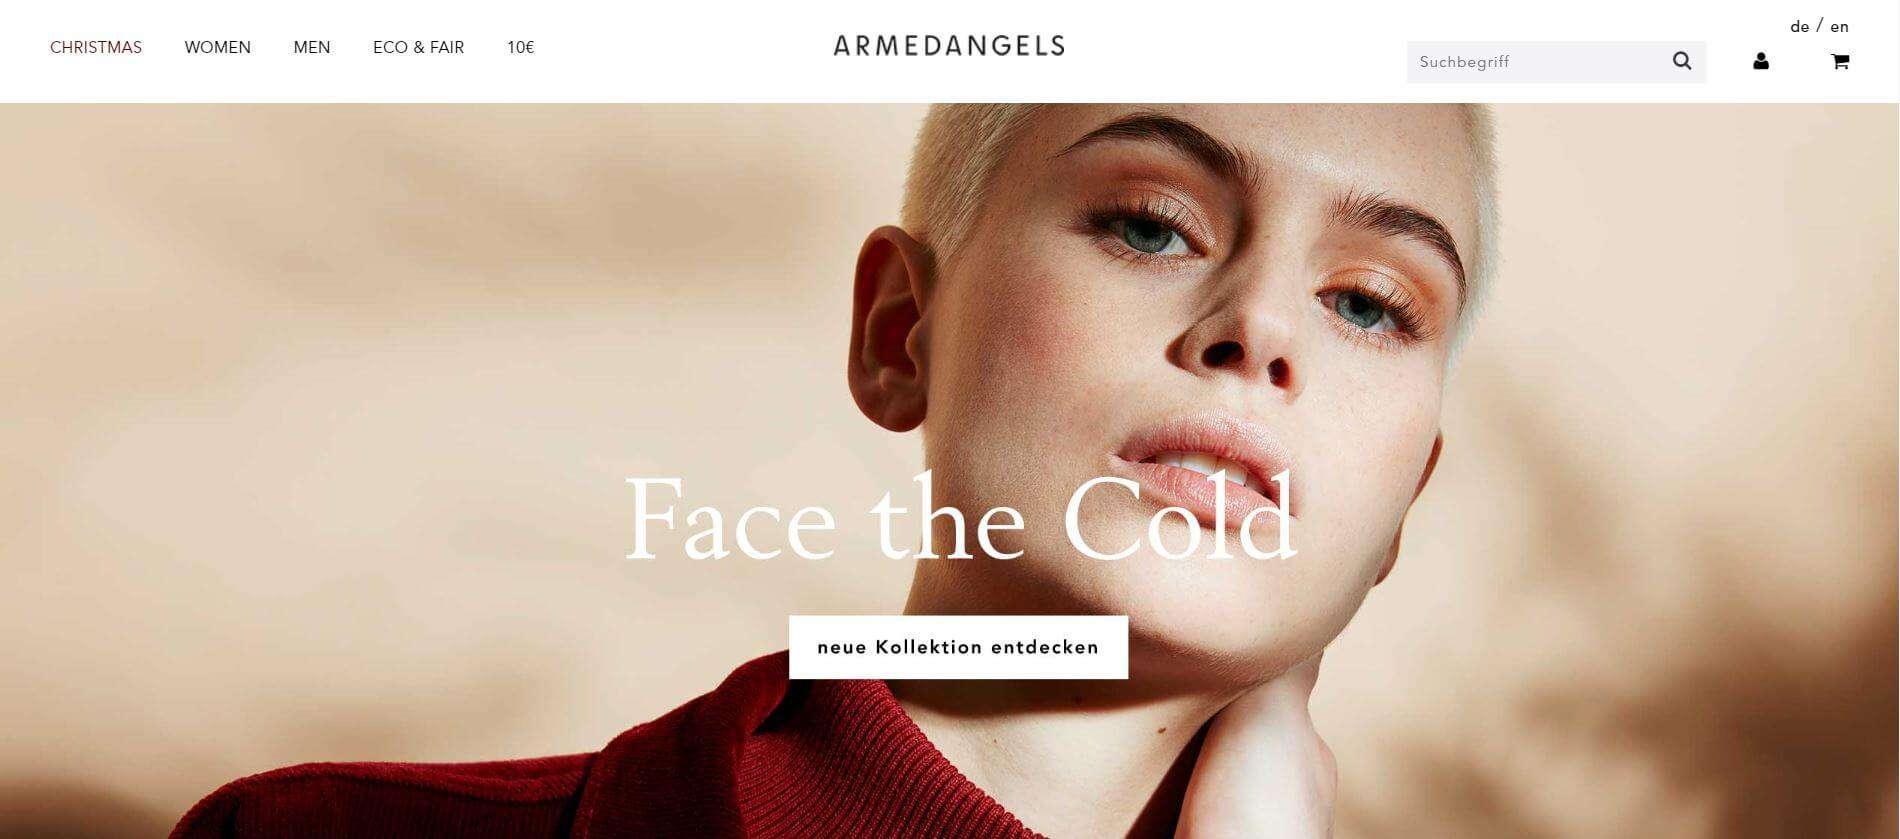 armedangels webseite